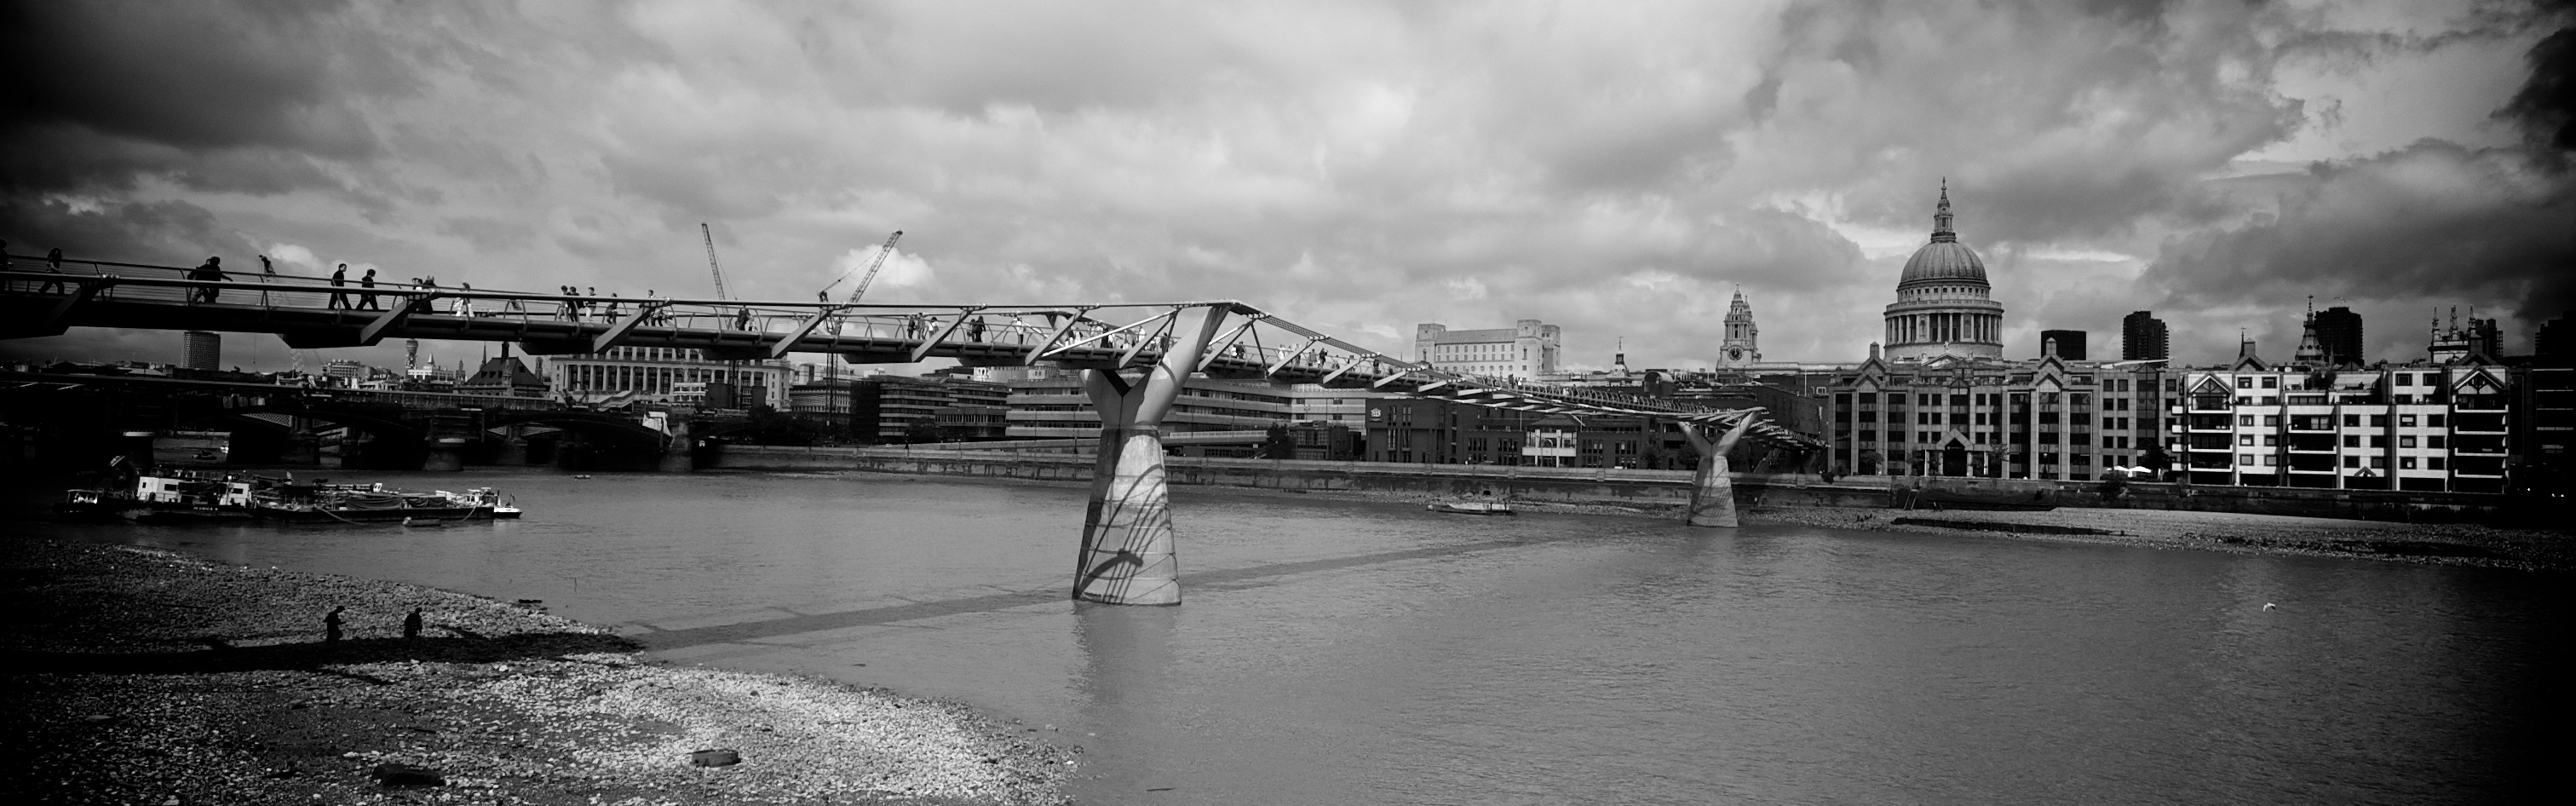 Millenium Bridge. Marea baja.